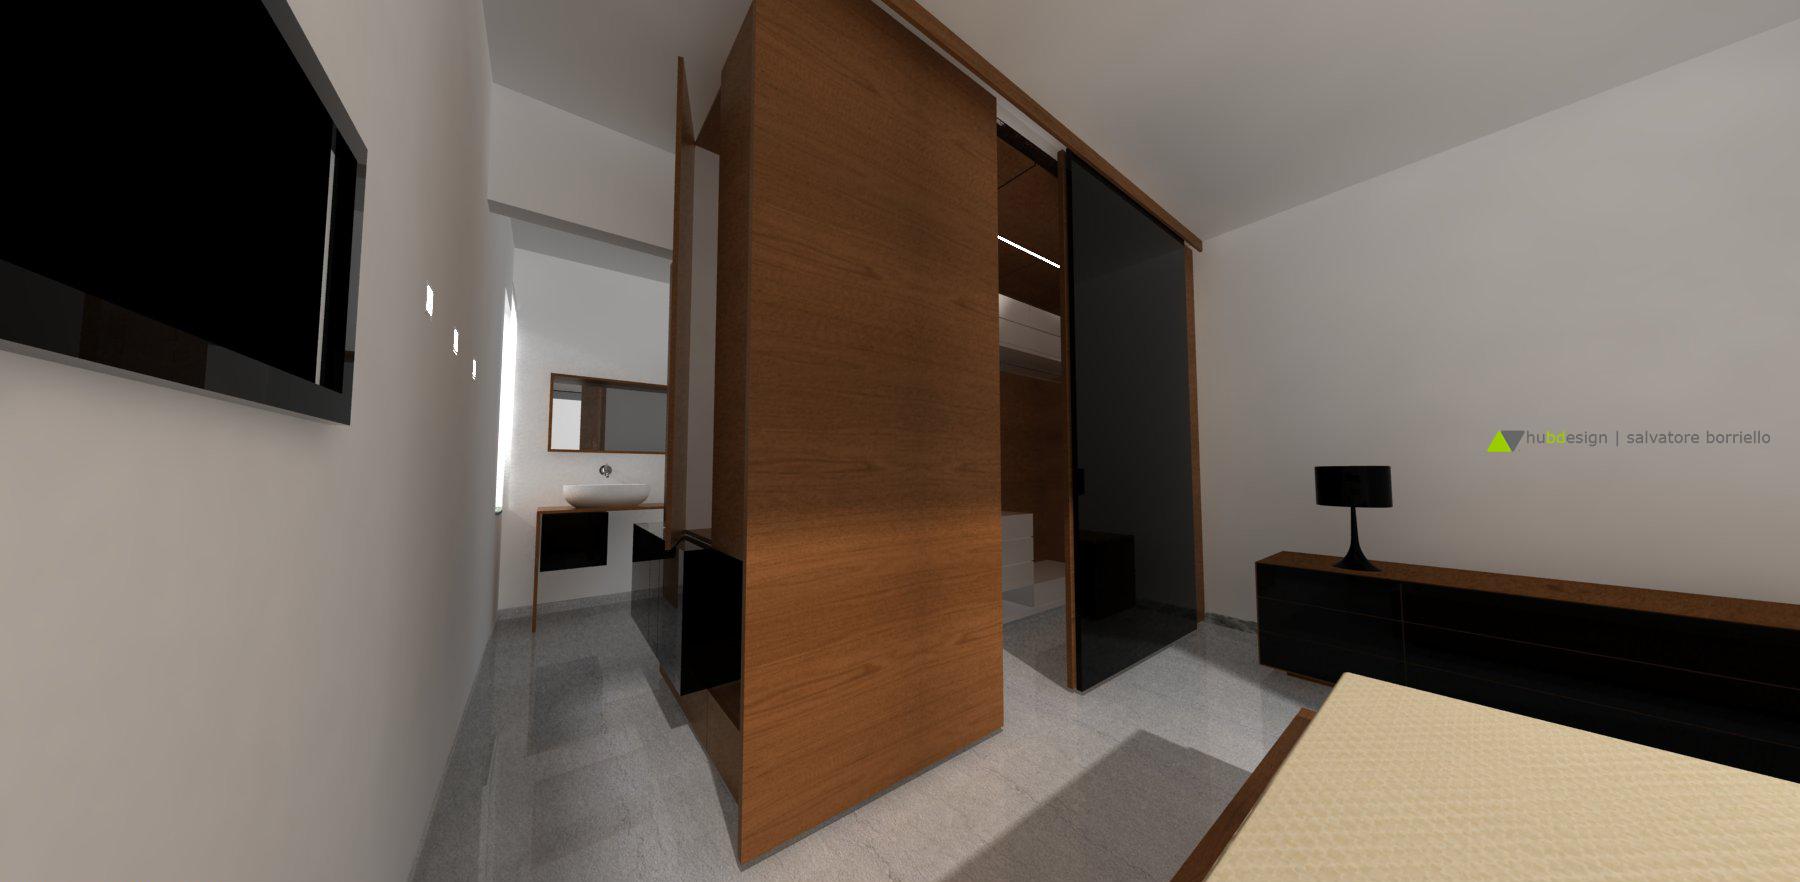 Progetto di interior design per casa spataro - Camera cabina armadio ...